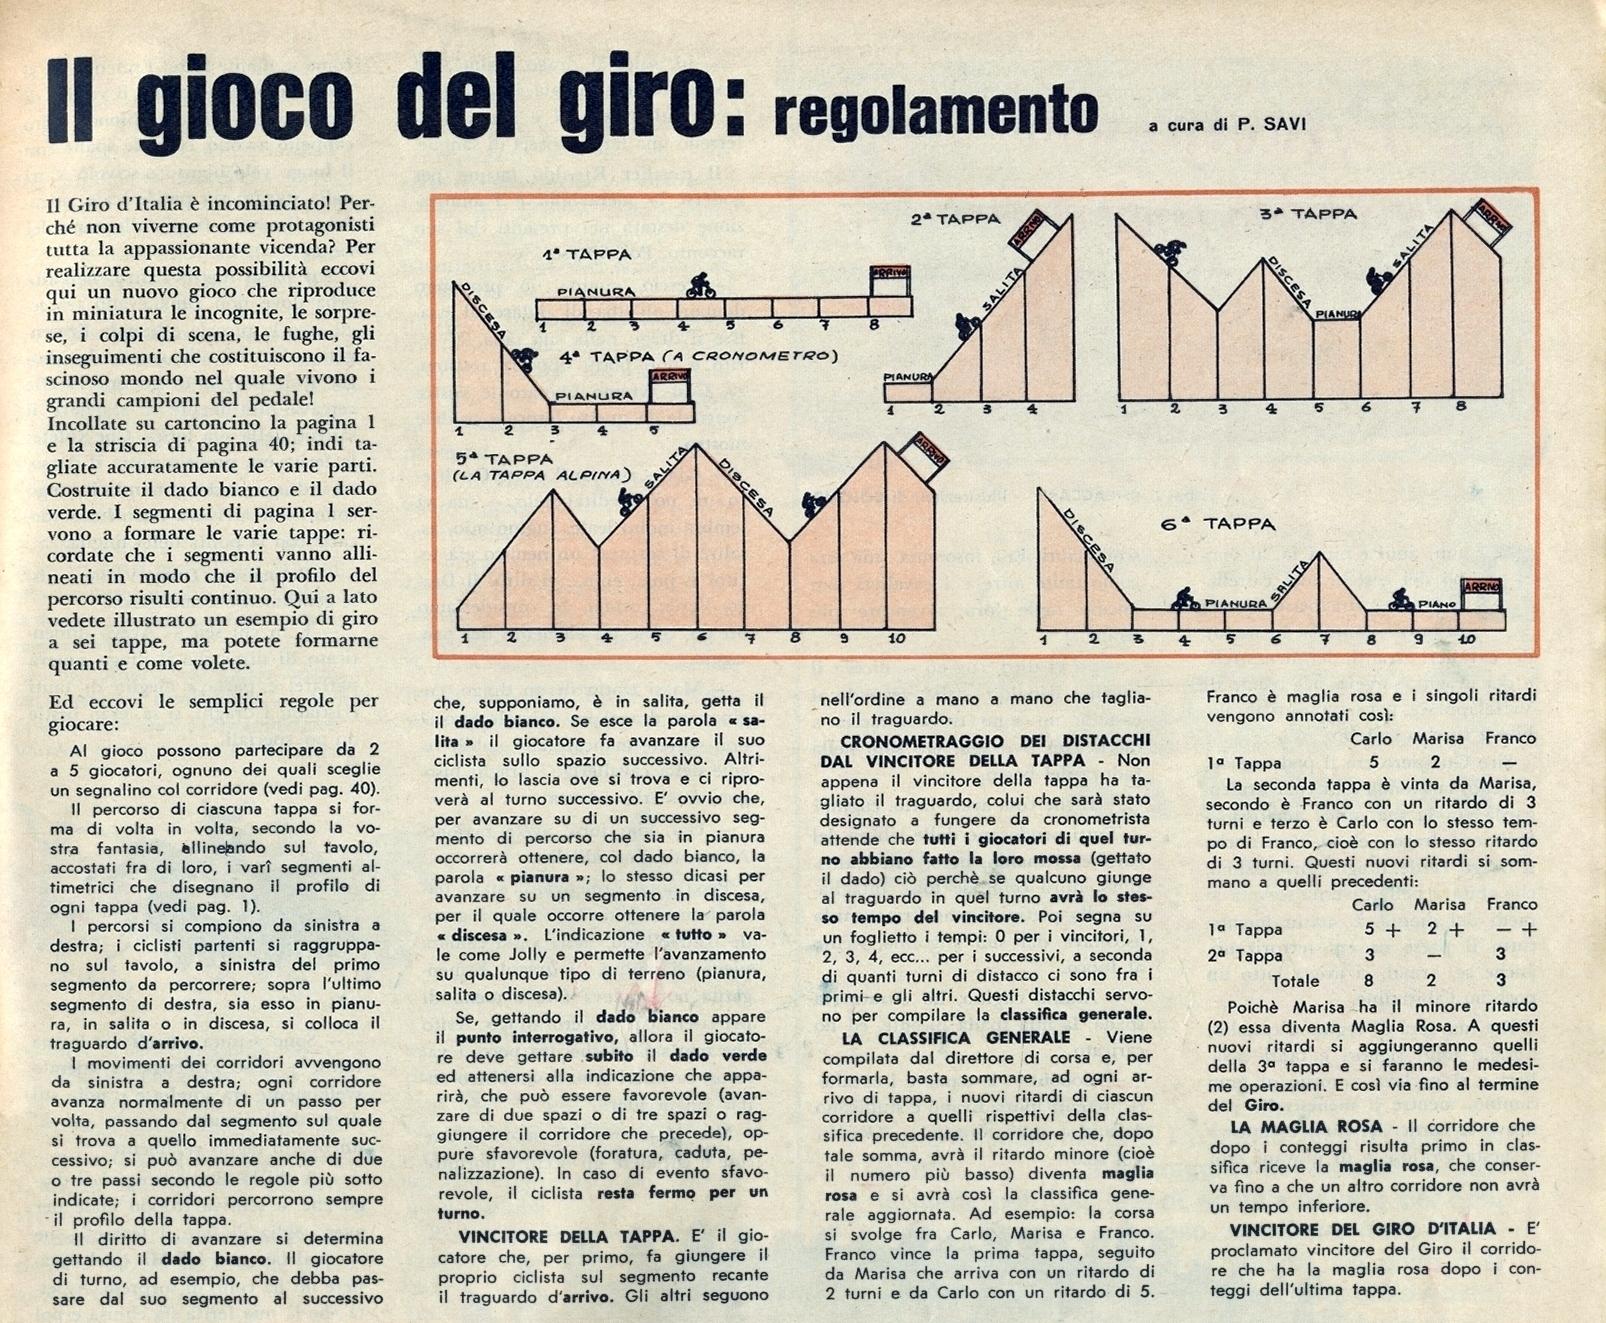 girogioco3